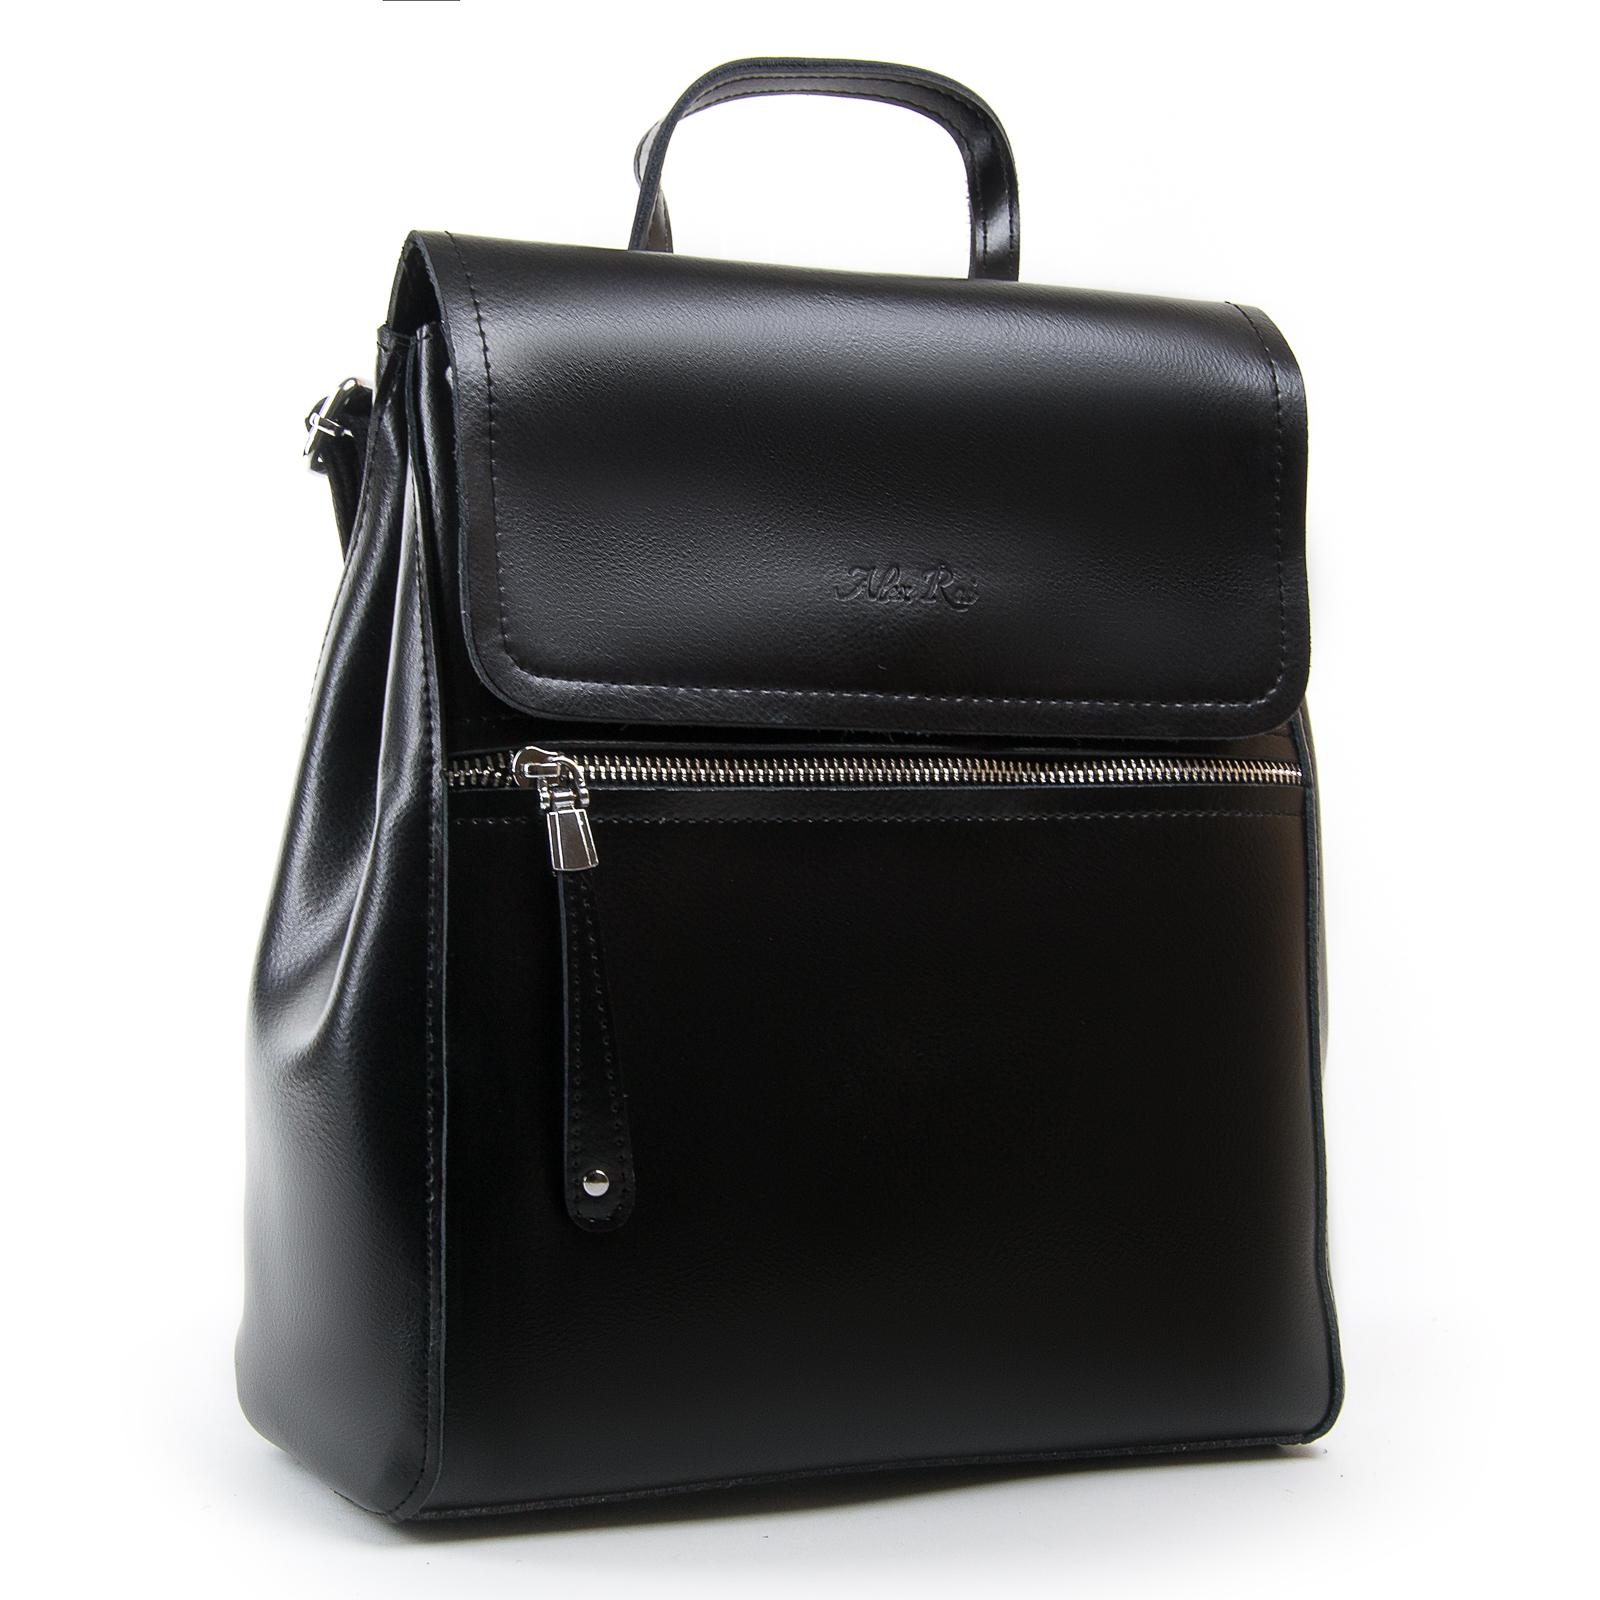 Сумка Женская Рюкзак кожа ALEX RAI 03-01 1005 black